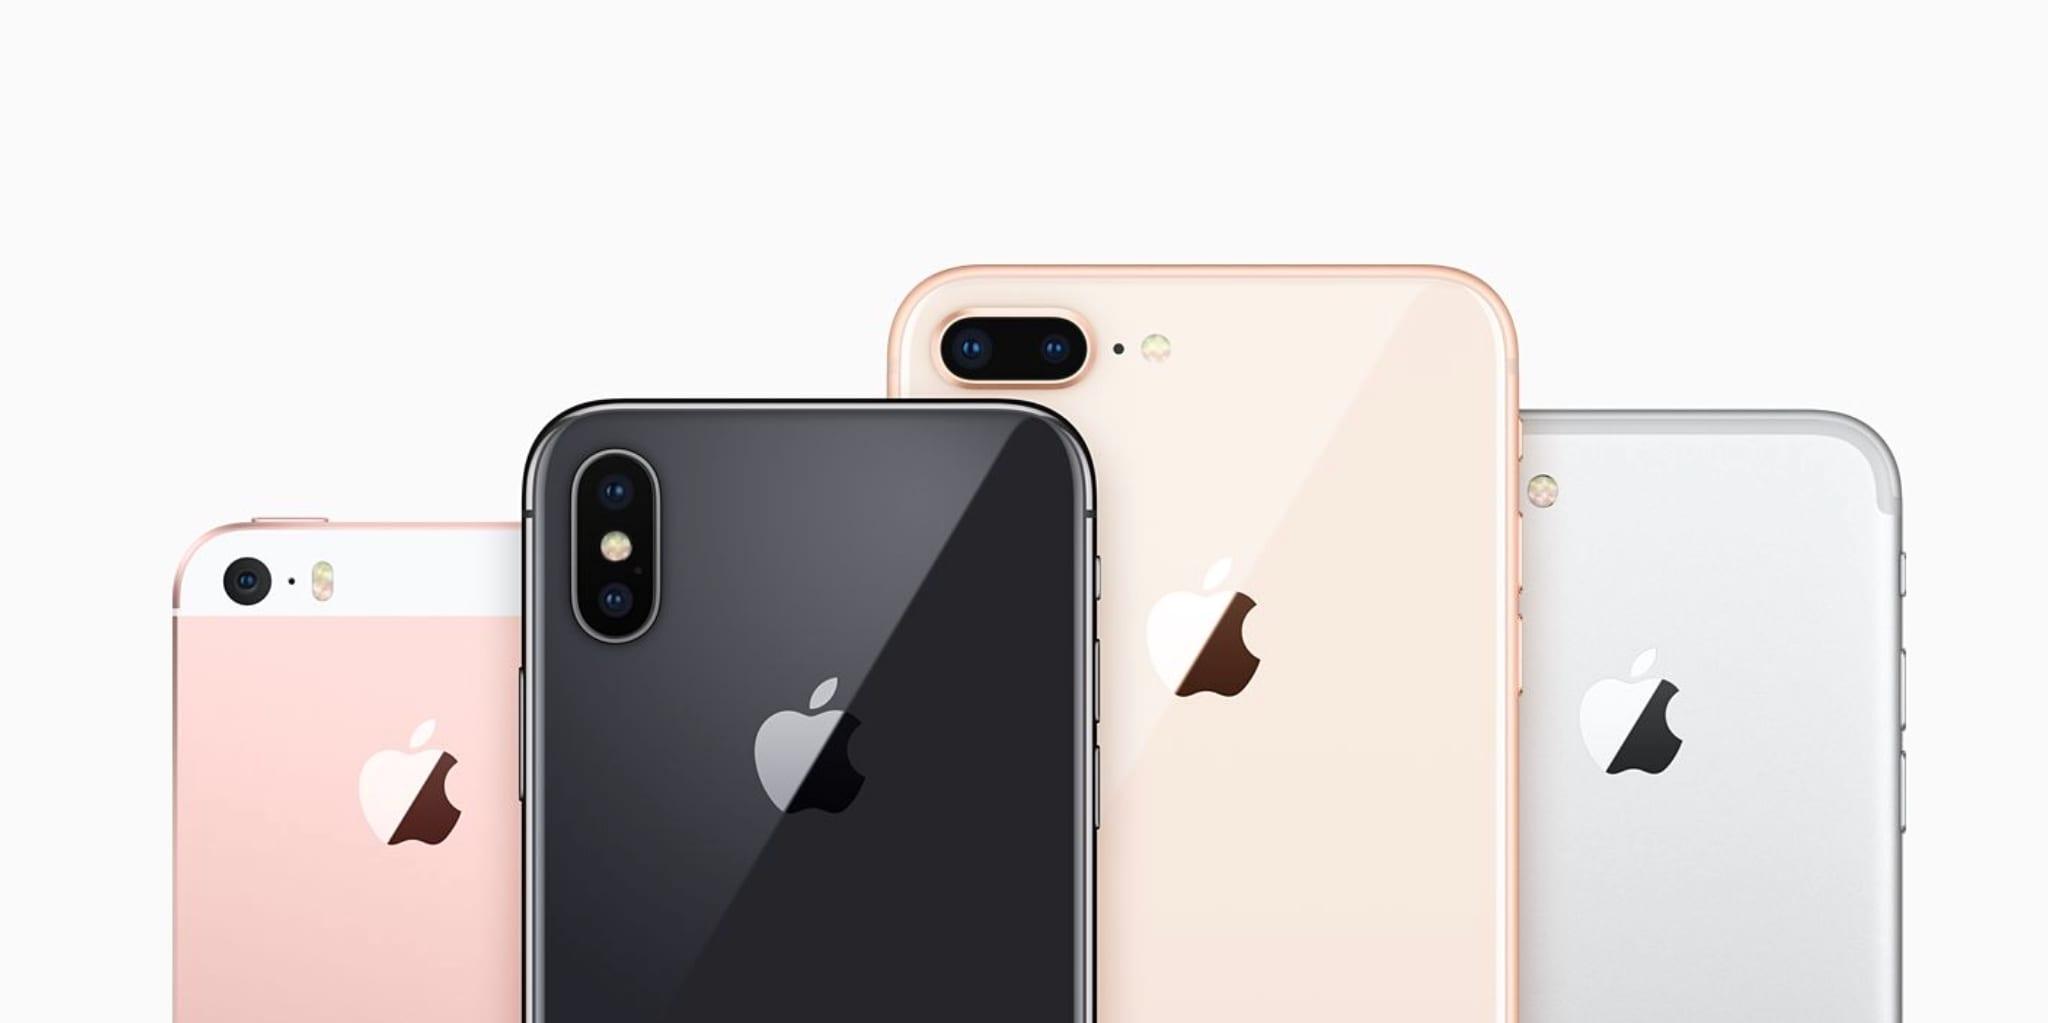 iphone x 8 se compare 2017 - Všetko čo potrebujete vedieť o programe výmeny batérií na iPhone